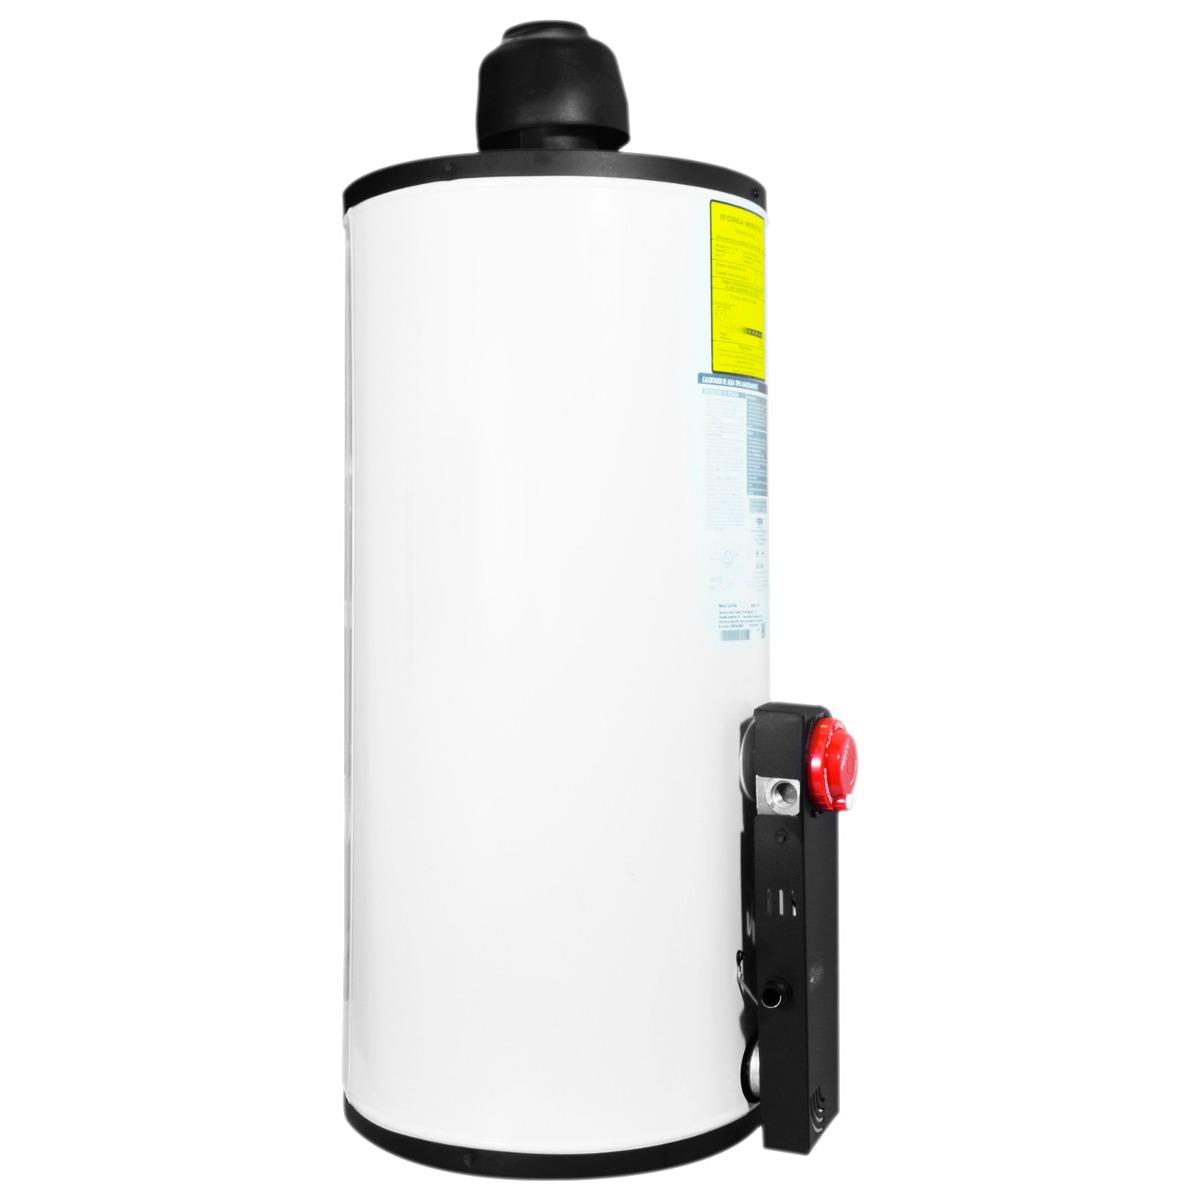 Calentador de deposito calorex de 38 litros env o gratis - Cuanto cuesta un calentador de gas ...